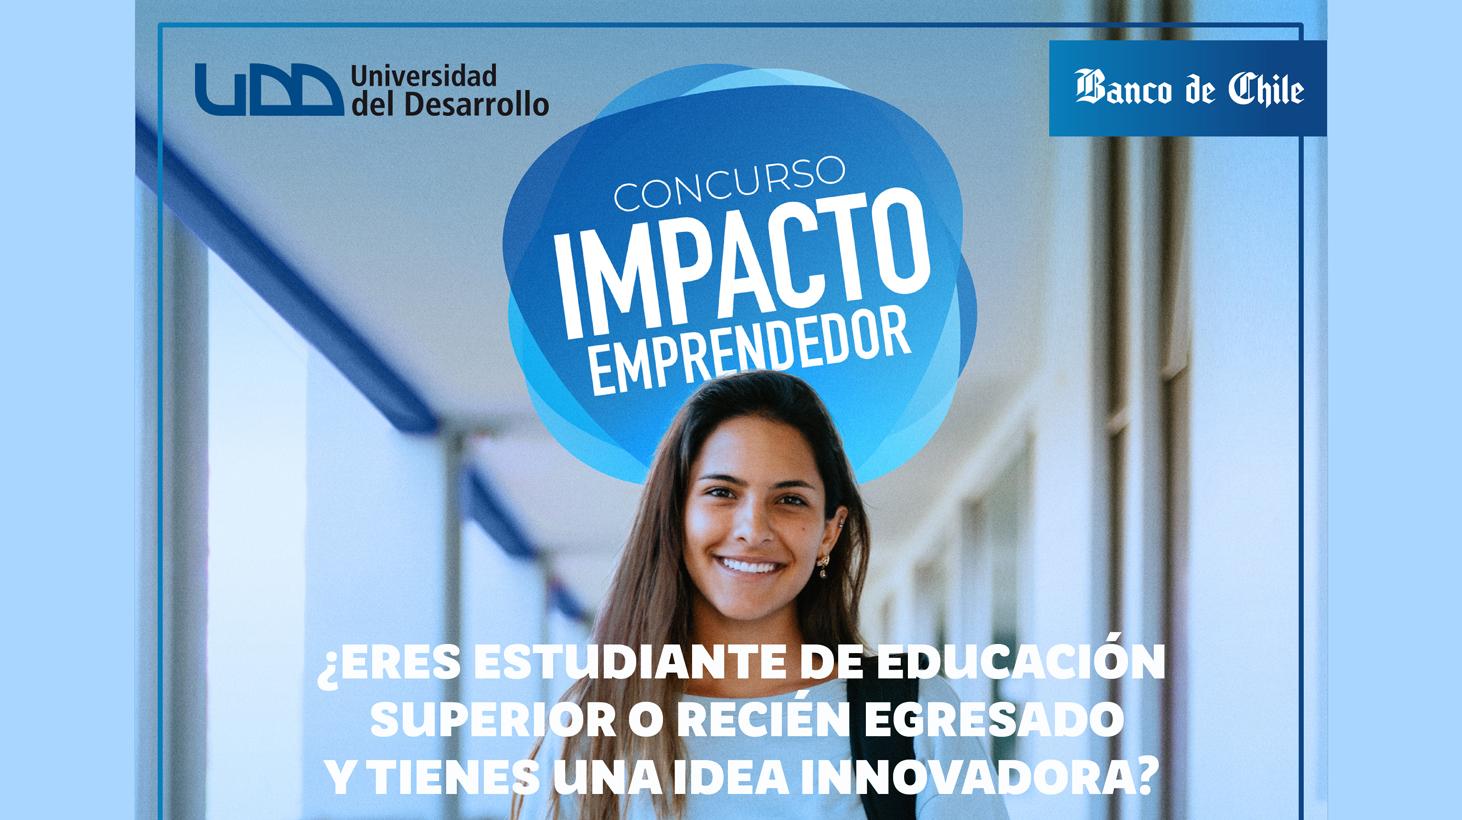 UDD y Banco de Chile lanzan concurso nacional Impacto Emprendedor.